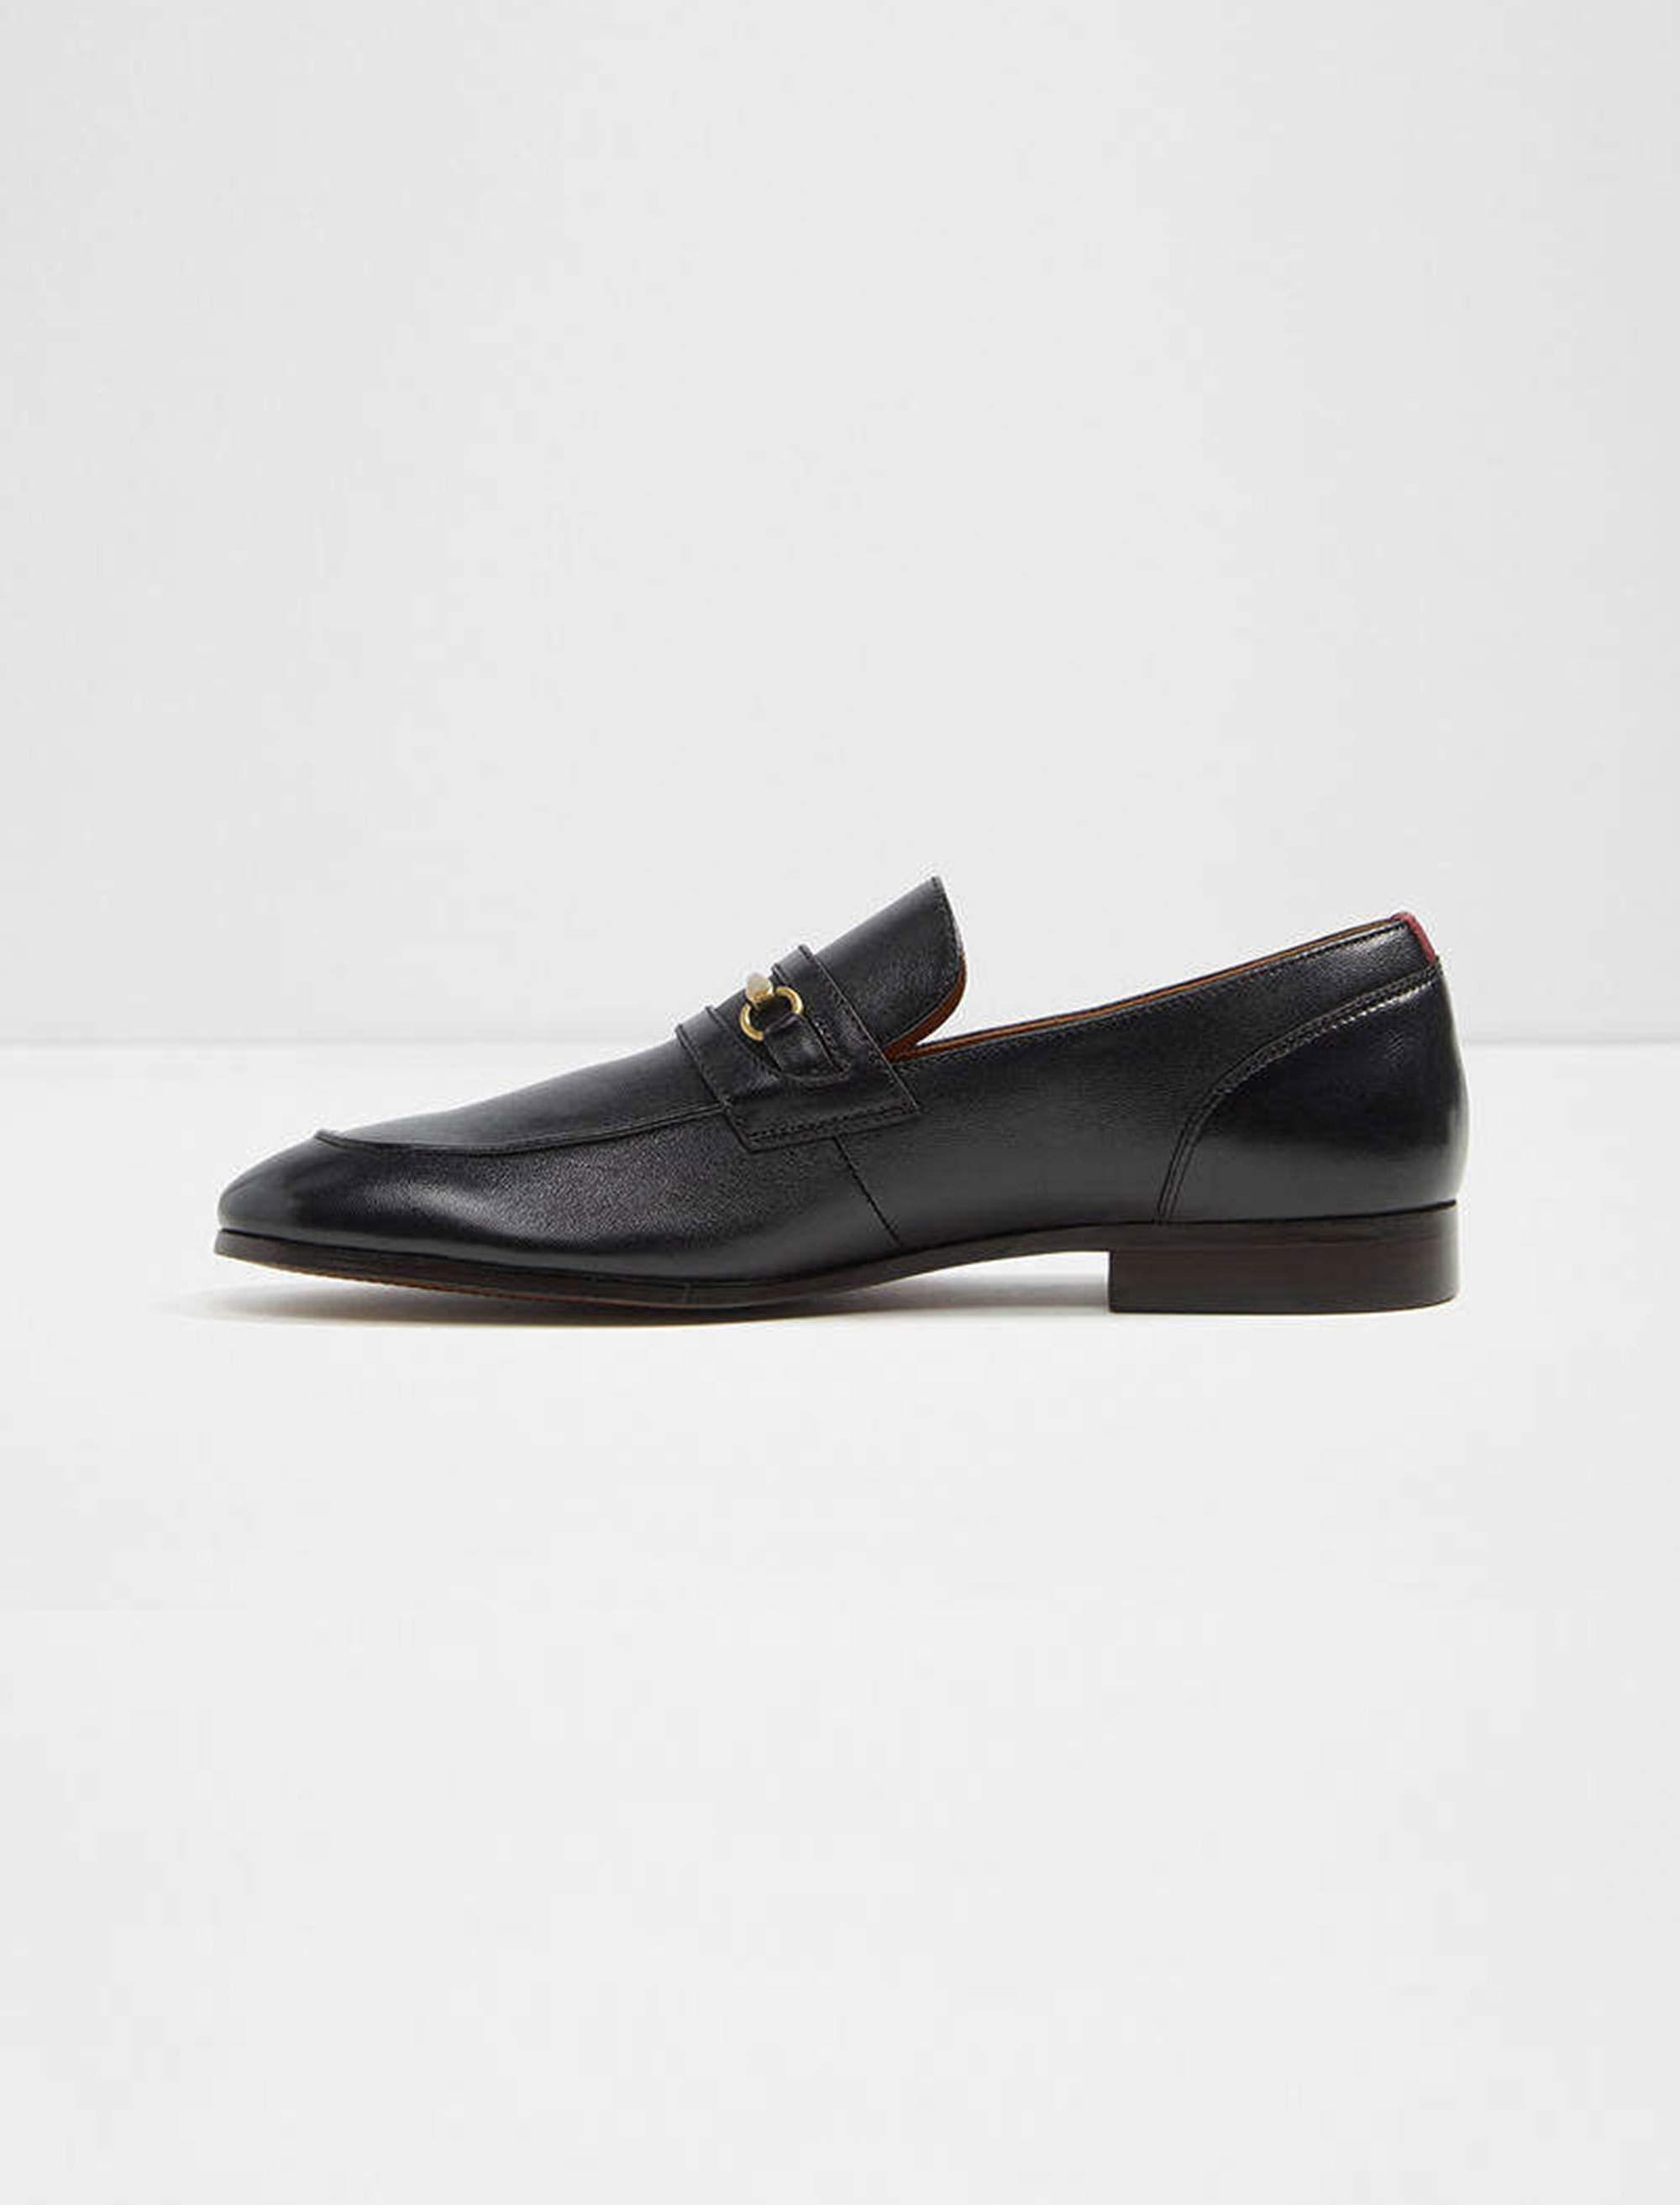 کفش اداری چرم مردانه - آلدو - مشکي - 2